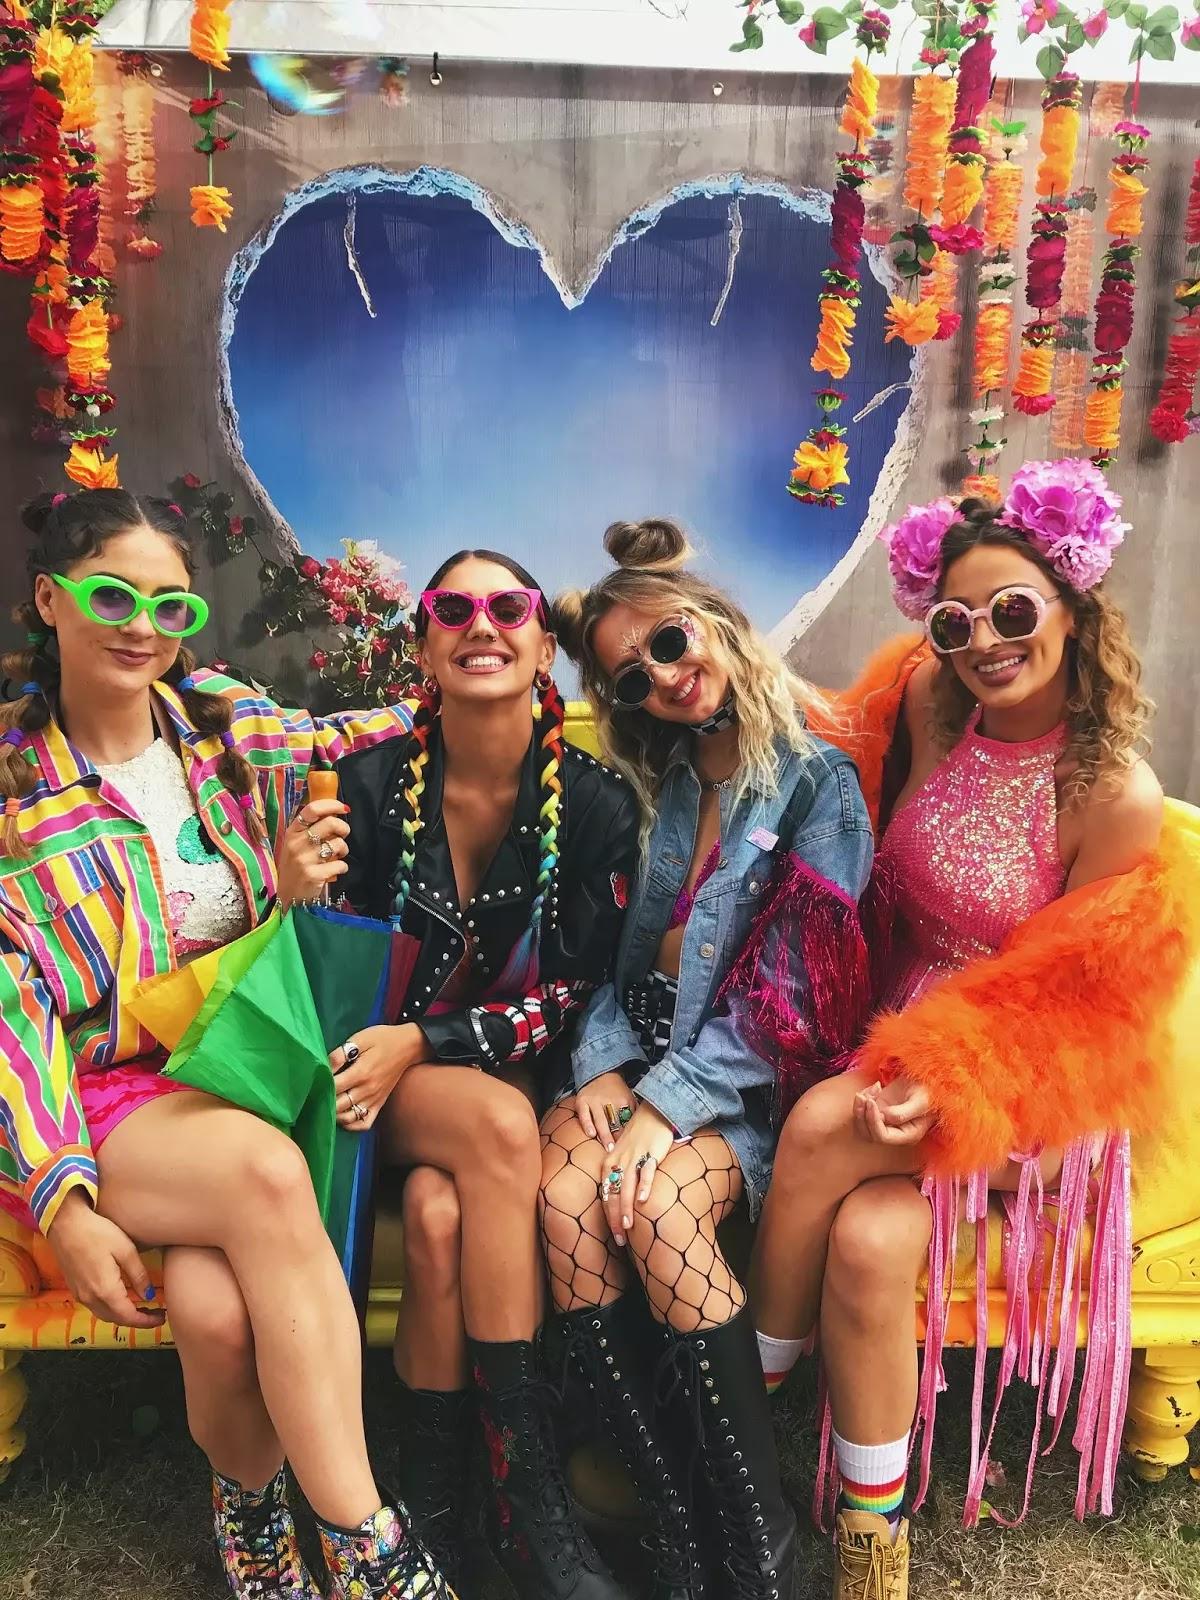 HELLO FESTIVAL SEASON! | - LULUTRIXABELLE - a Lifestyle, Travel